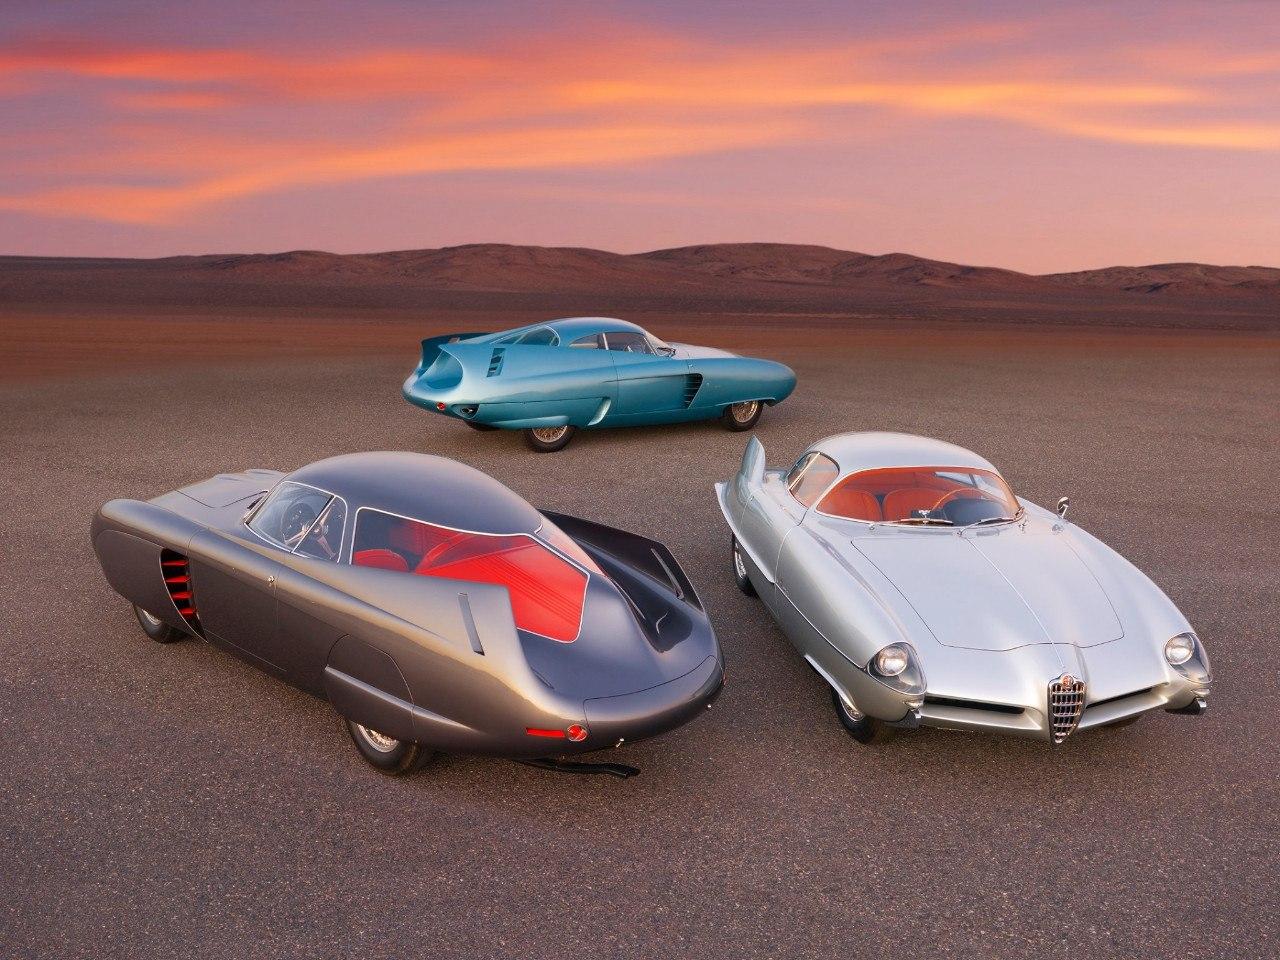 ¿Nuevo récord? Los Alfa Romeo B.A.T. de Bertone vendidos por 14.8 millones de dólares